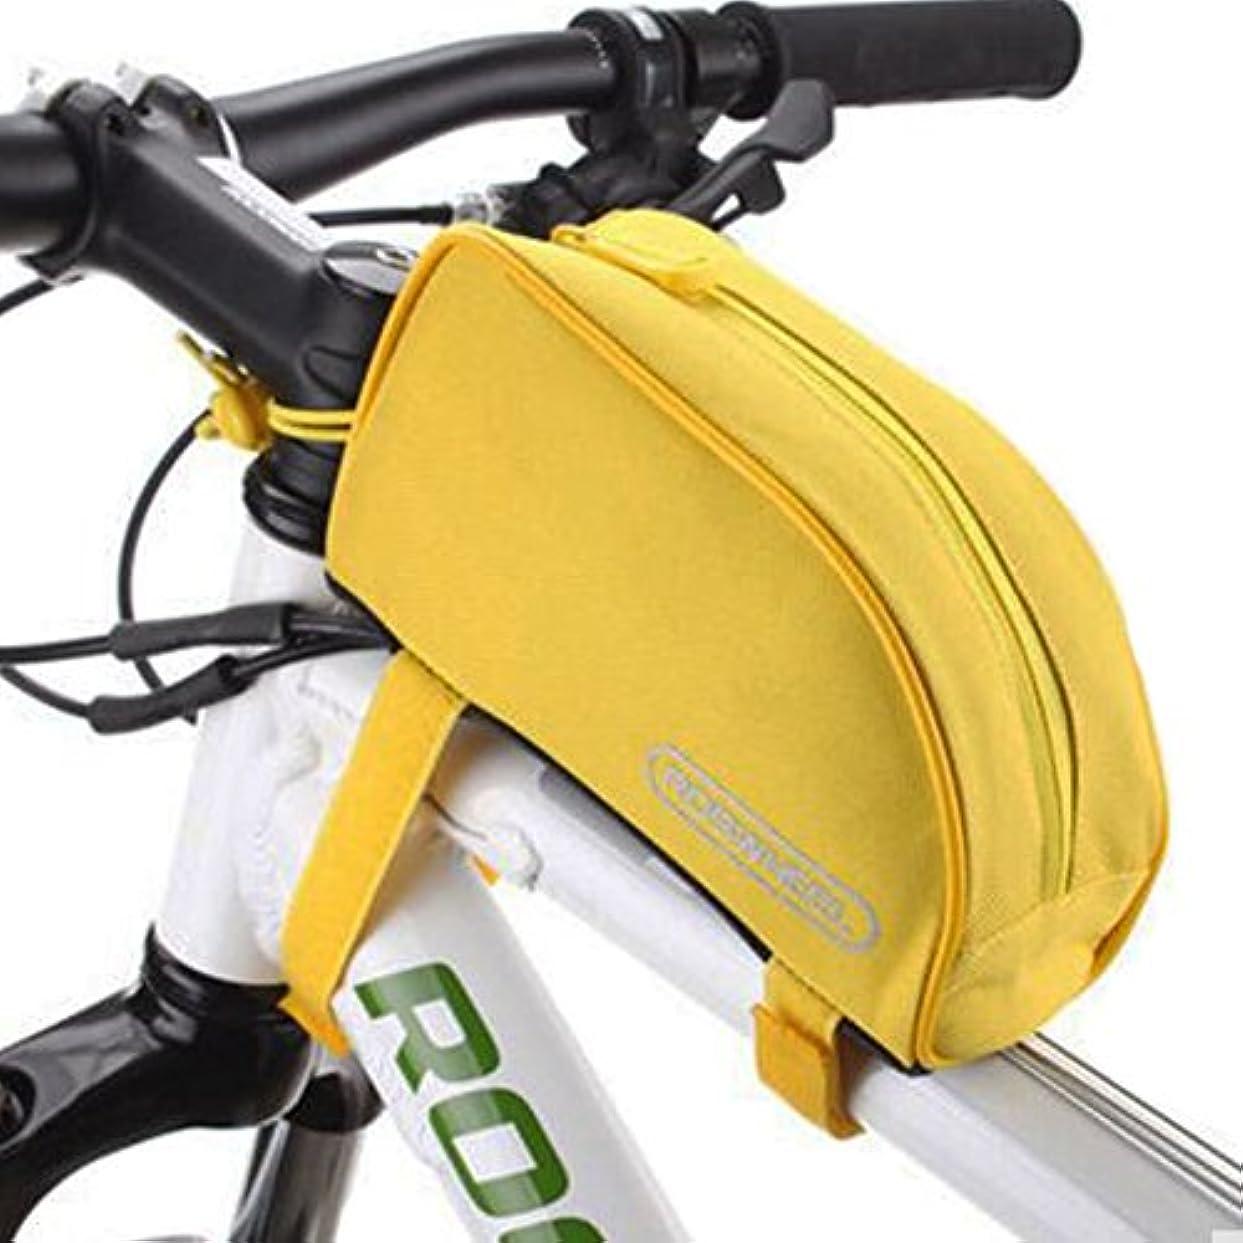 再生的減少ペデスタル自転車チューブフレーム自転車パニエ防水自転車バッグフロント自転車ハンドルバッグ-A1